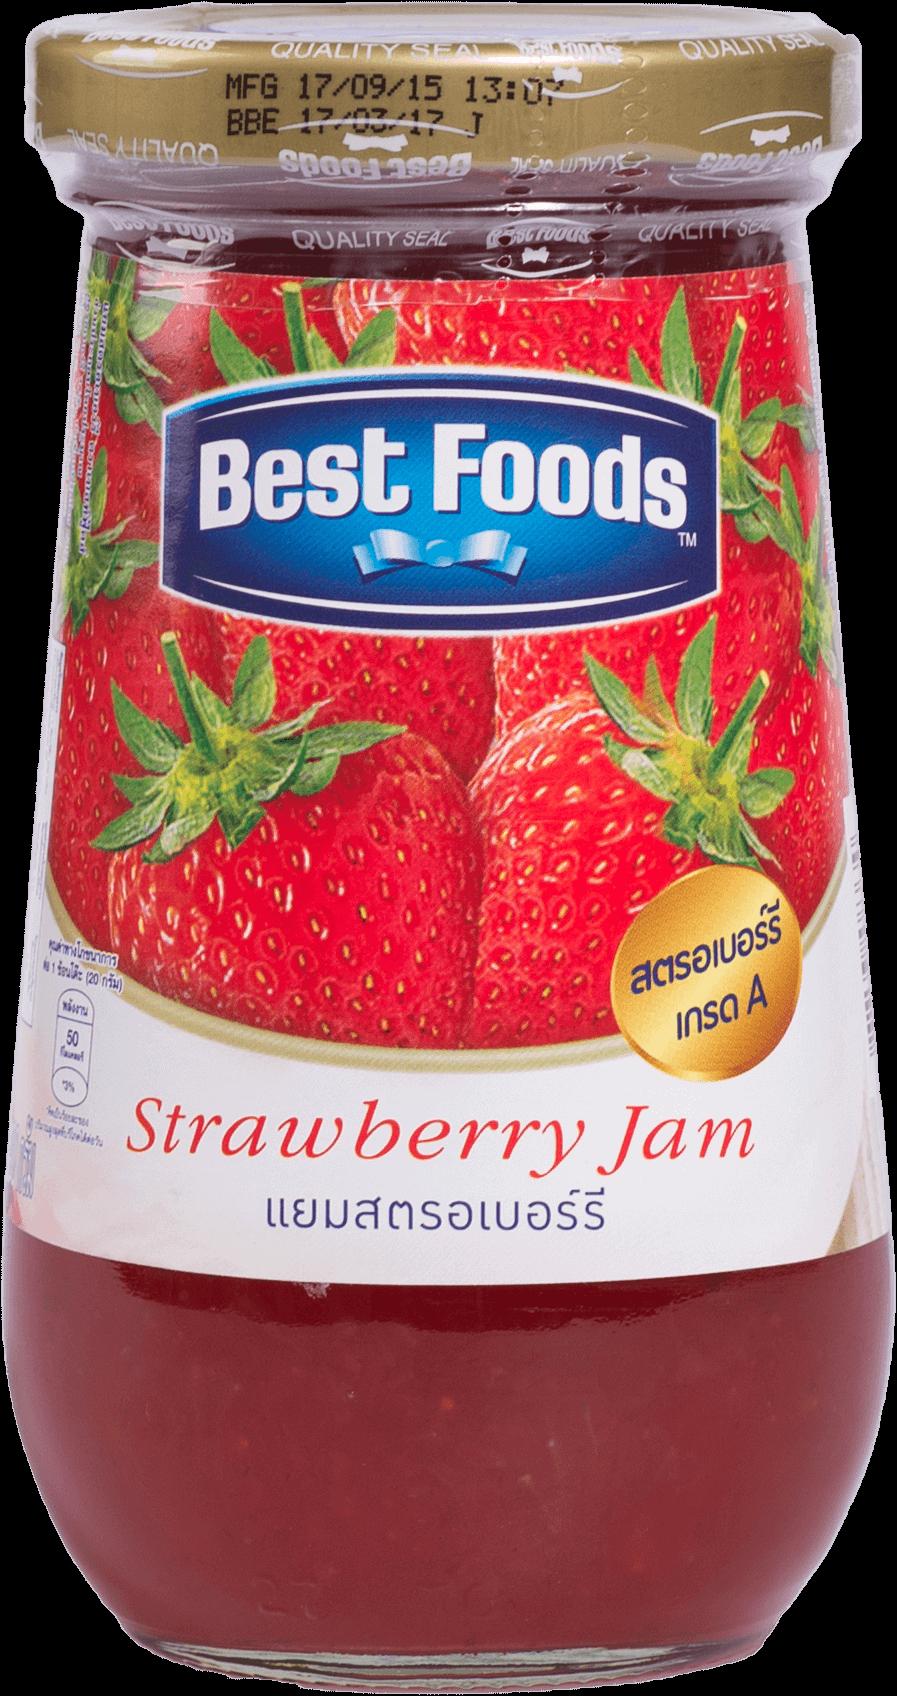 แยมผลไม้ Best Foods รสสตรอเบอรี๋ 400กรัม